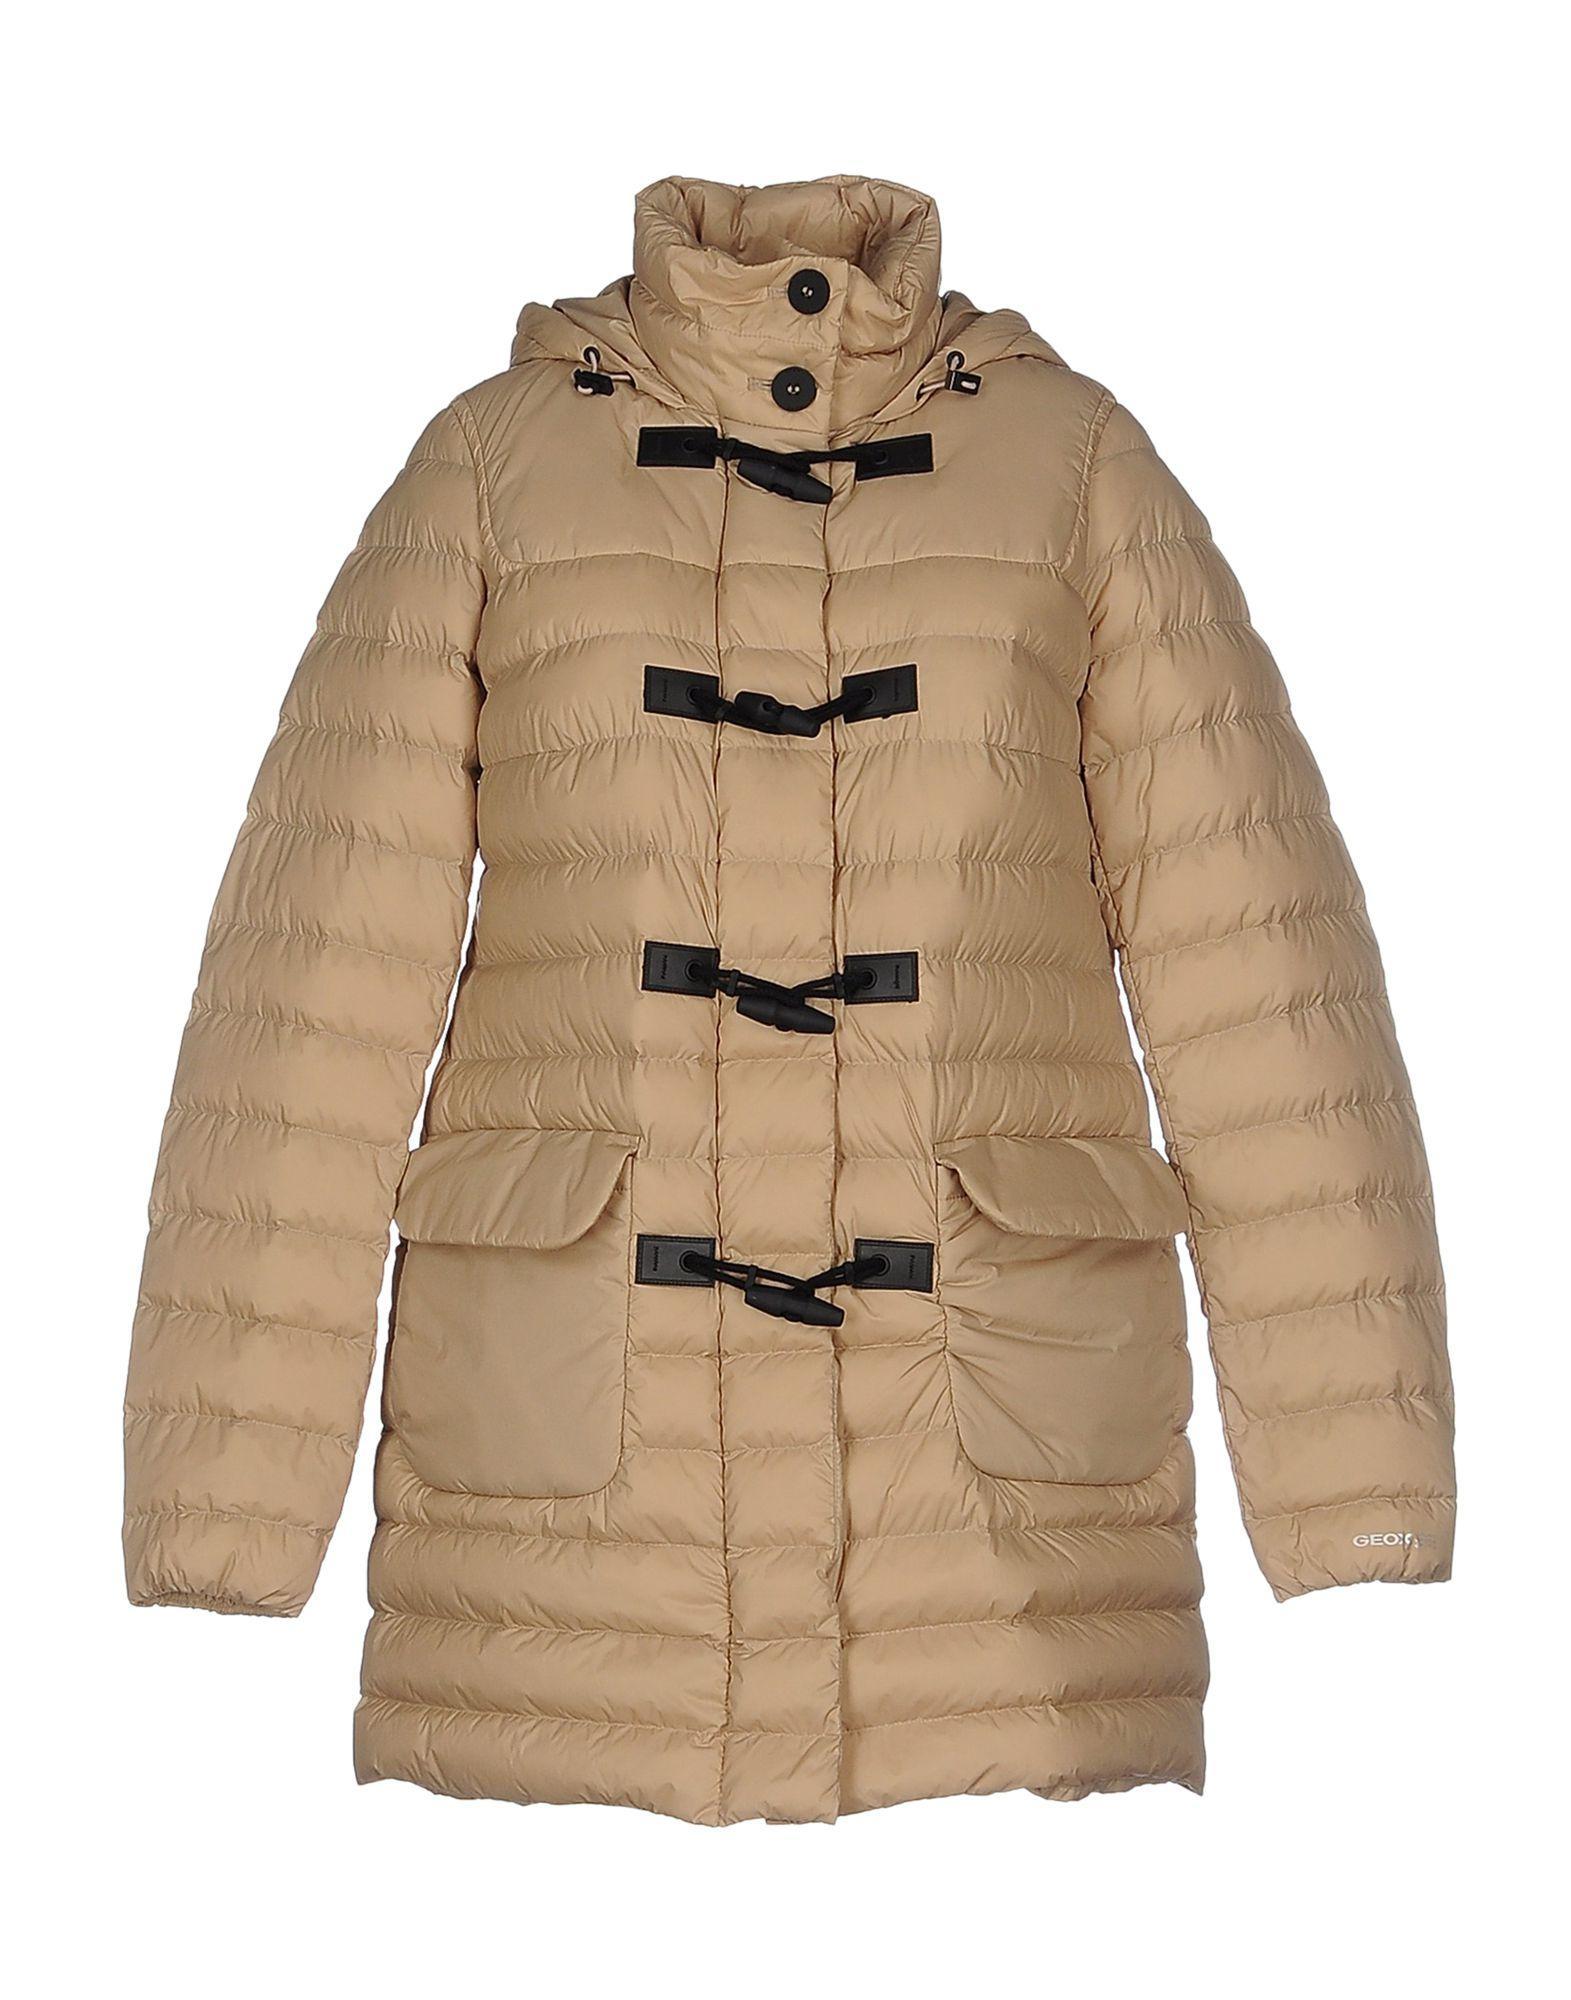 Geox Down Jacket In Beige